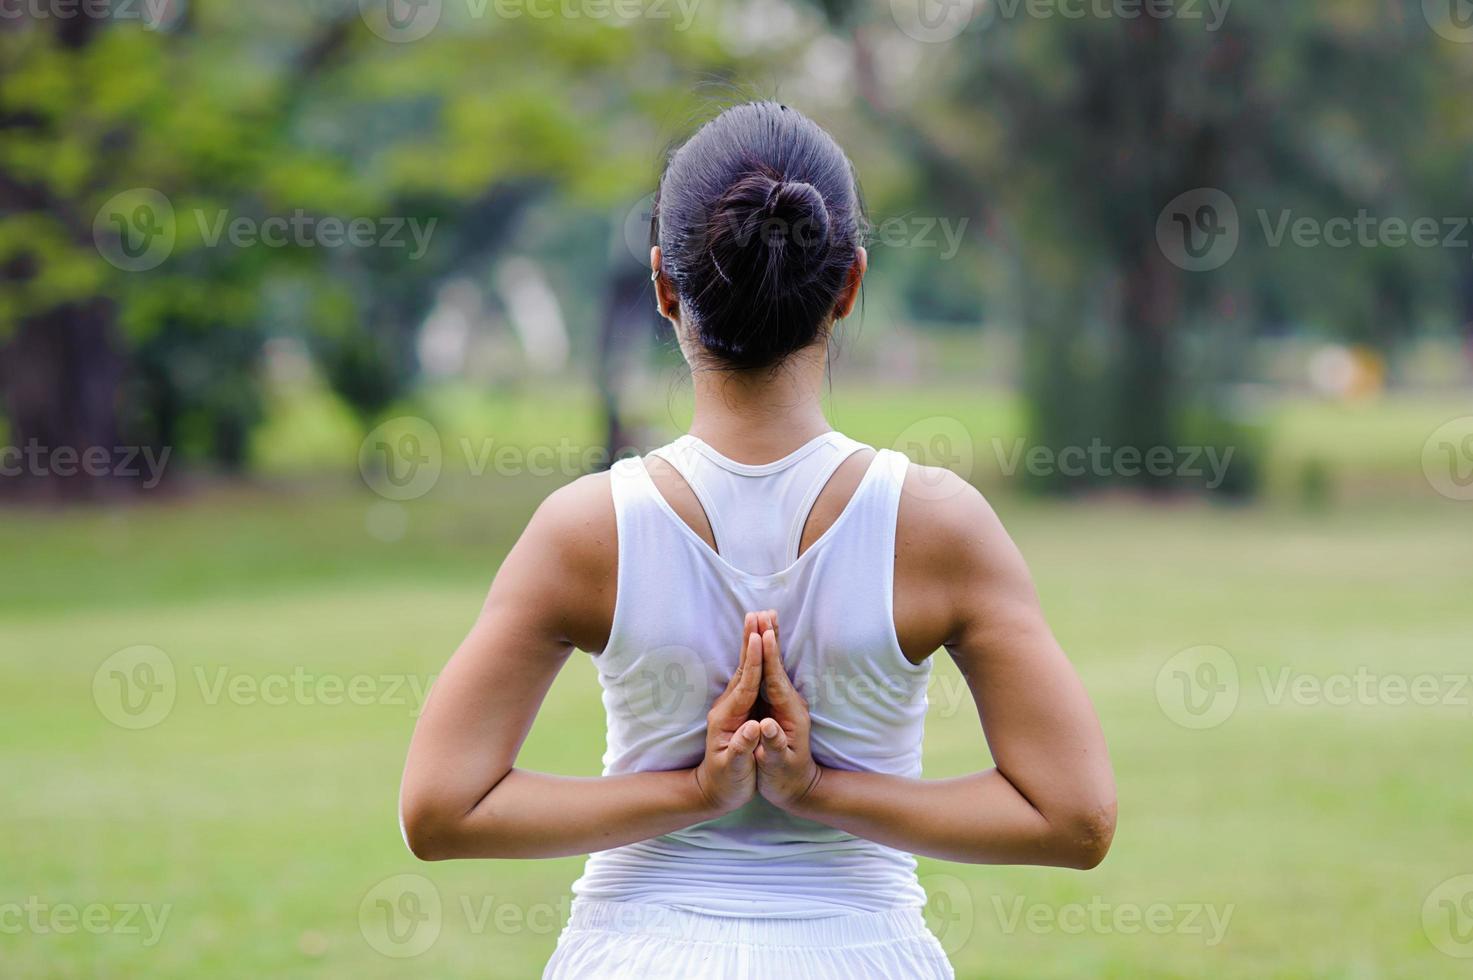 linda mulher praticando ioga no parque foto